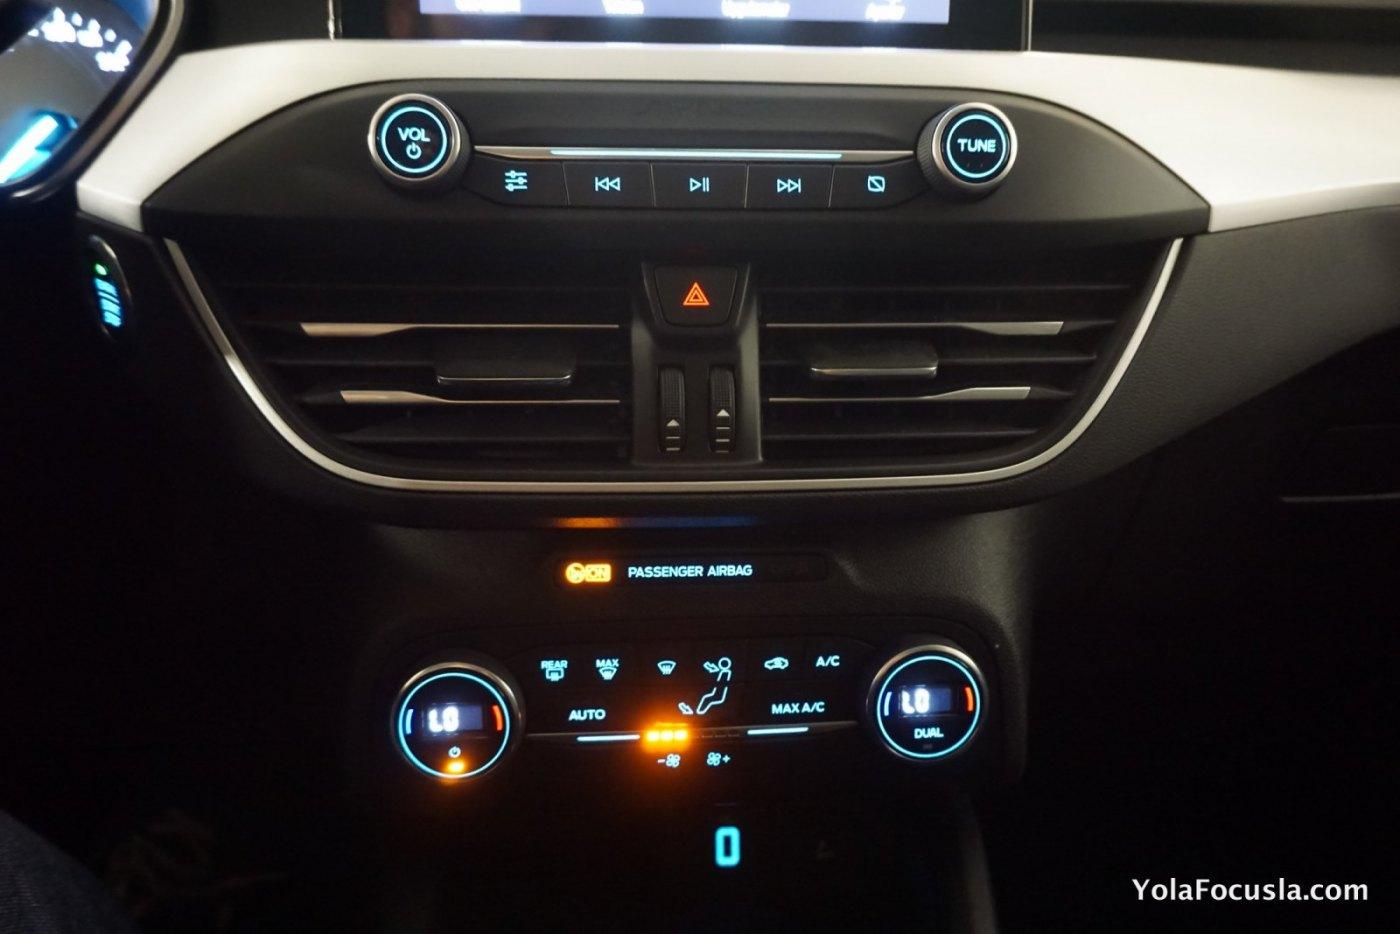 2018 Ford Focus Mk4 Ön İnceleme_19.JPG